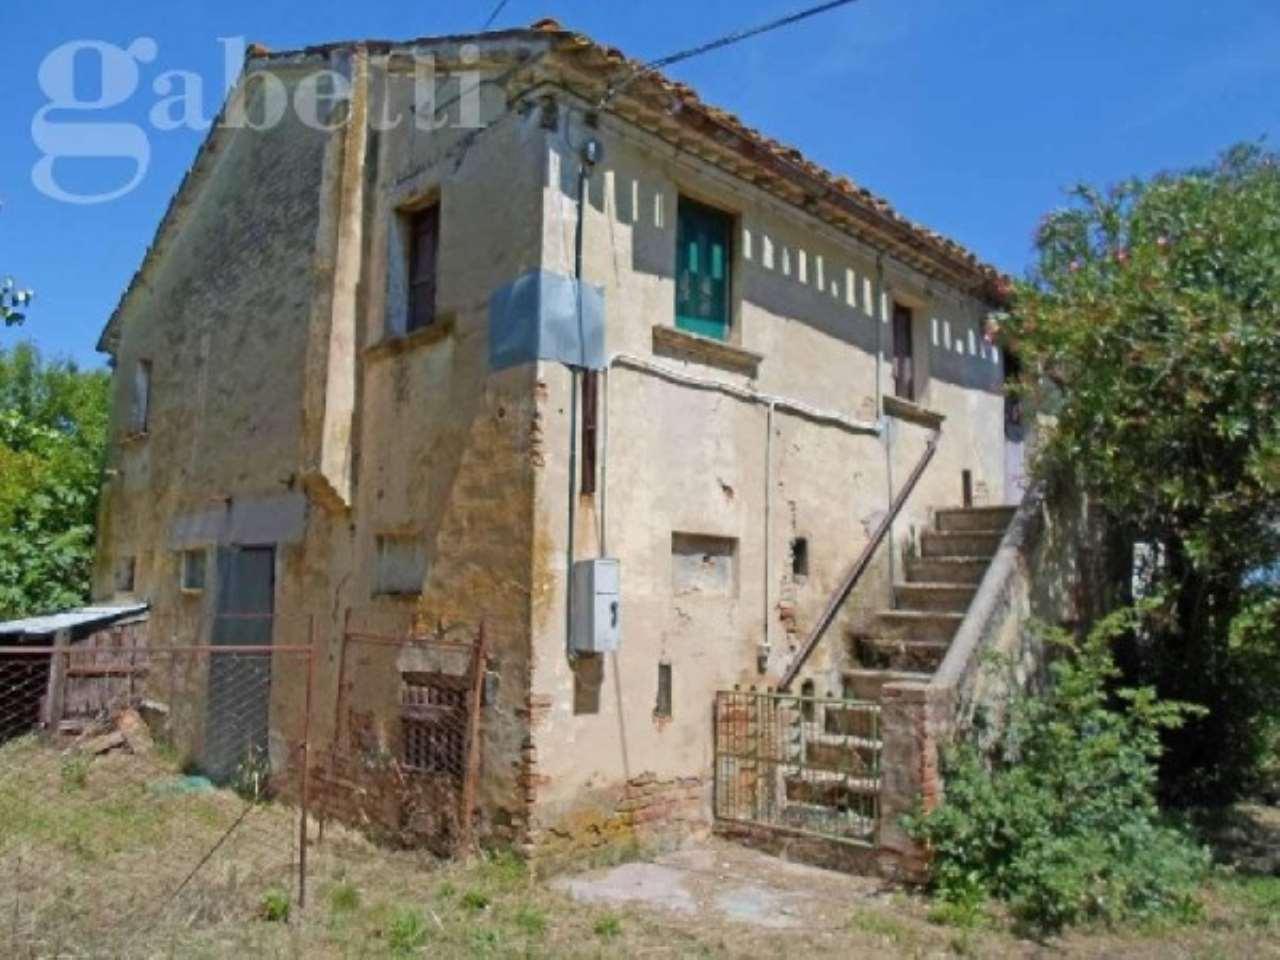 Rustico / Casale in vendita a Ostra Vetere, 6 locali, prezzo € 160.000 | CambioCasa.it